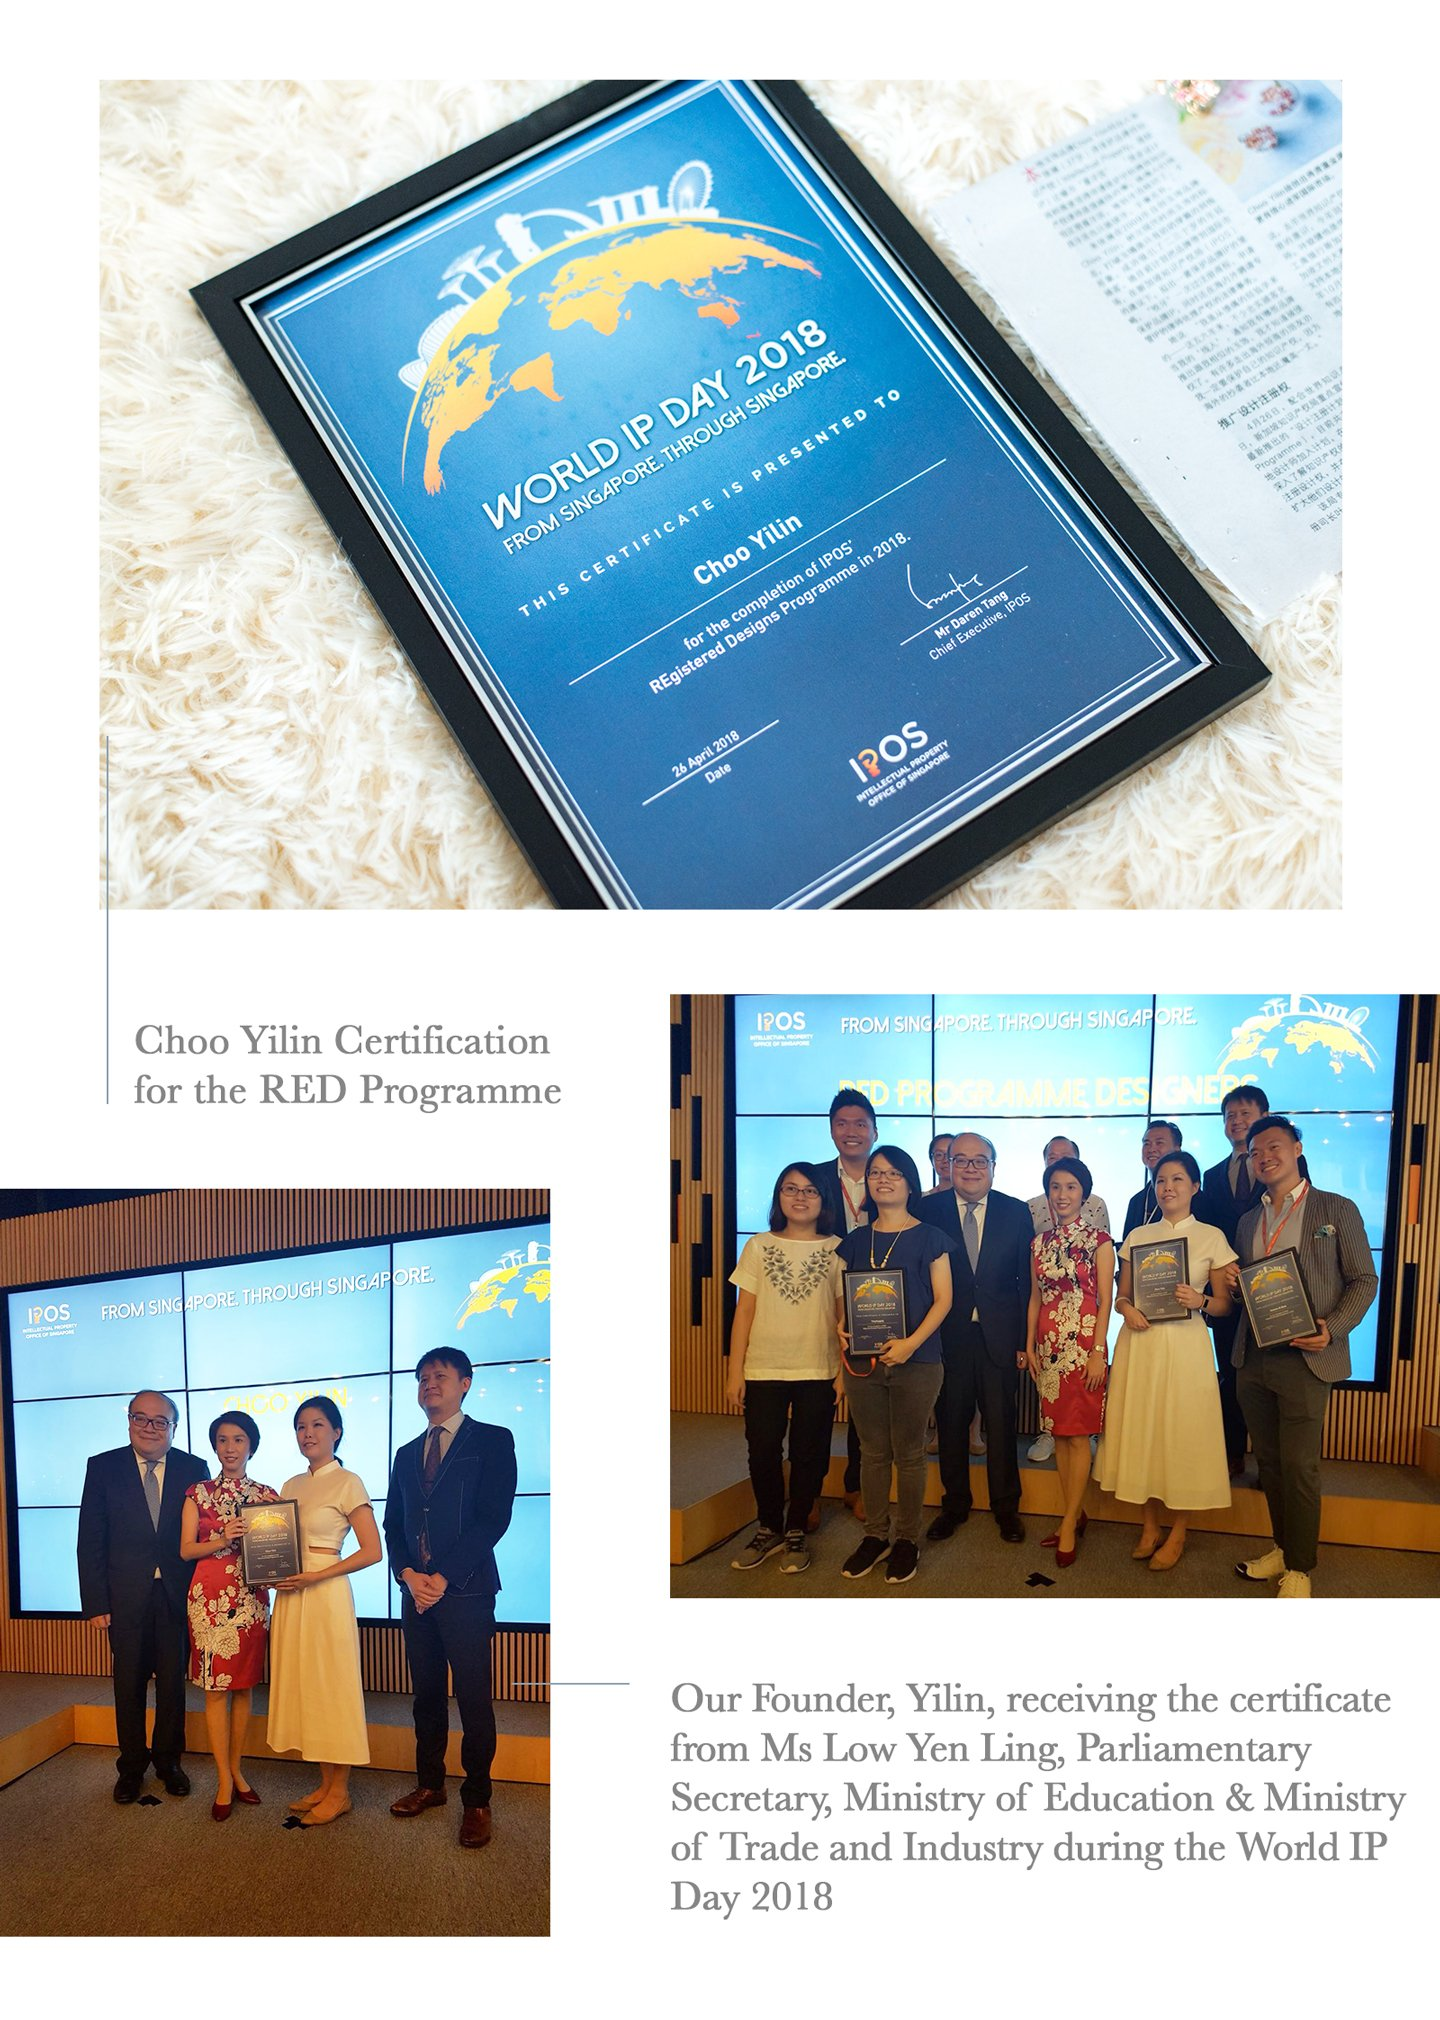 Choo Yilin at the World IP Day